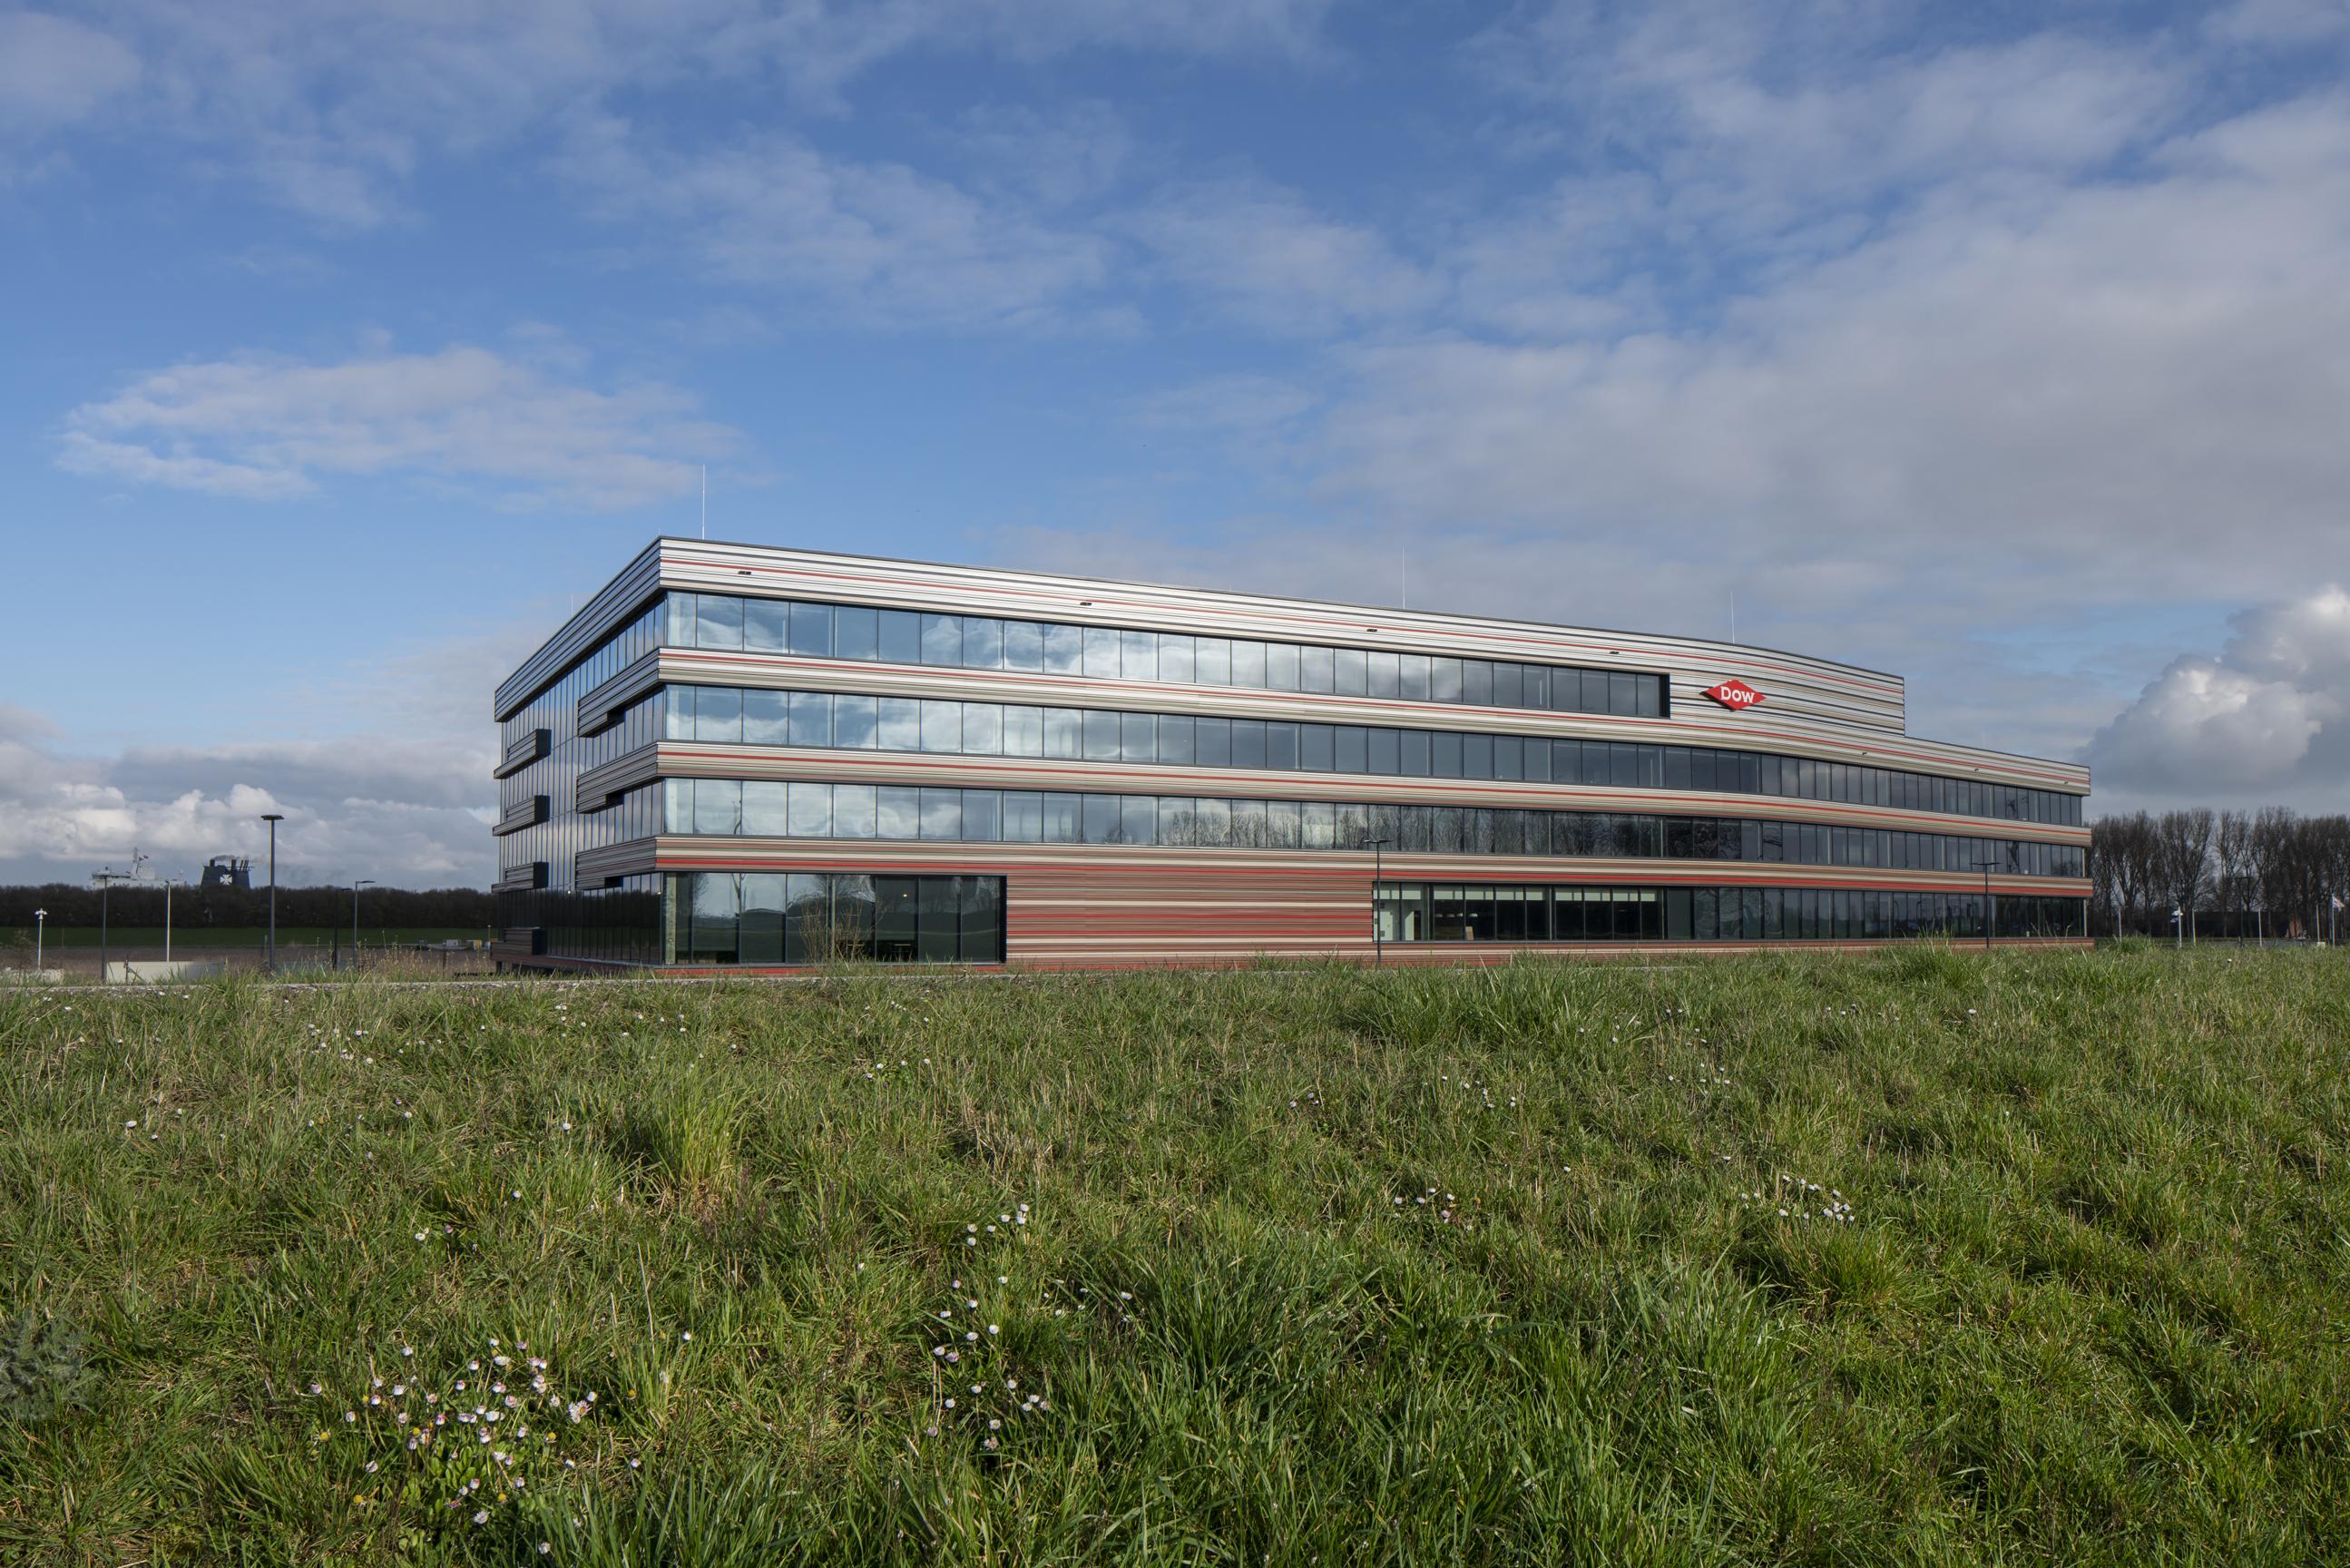 <p>2.Het Zeeuwse polderlandschap diende als inspiratiebron voor het ontwerp van het gebouw.  Rijdend door de omgeving zie je een kleurverloop van aarde en groen naar de lichtgrijsblauwe lucht &#8211; foto Frank Hanswijk</p>